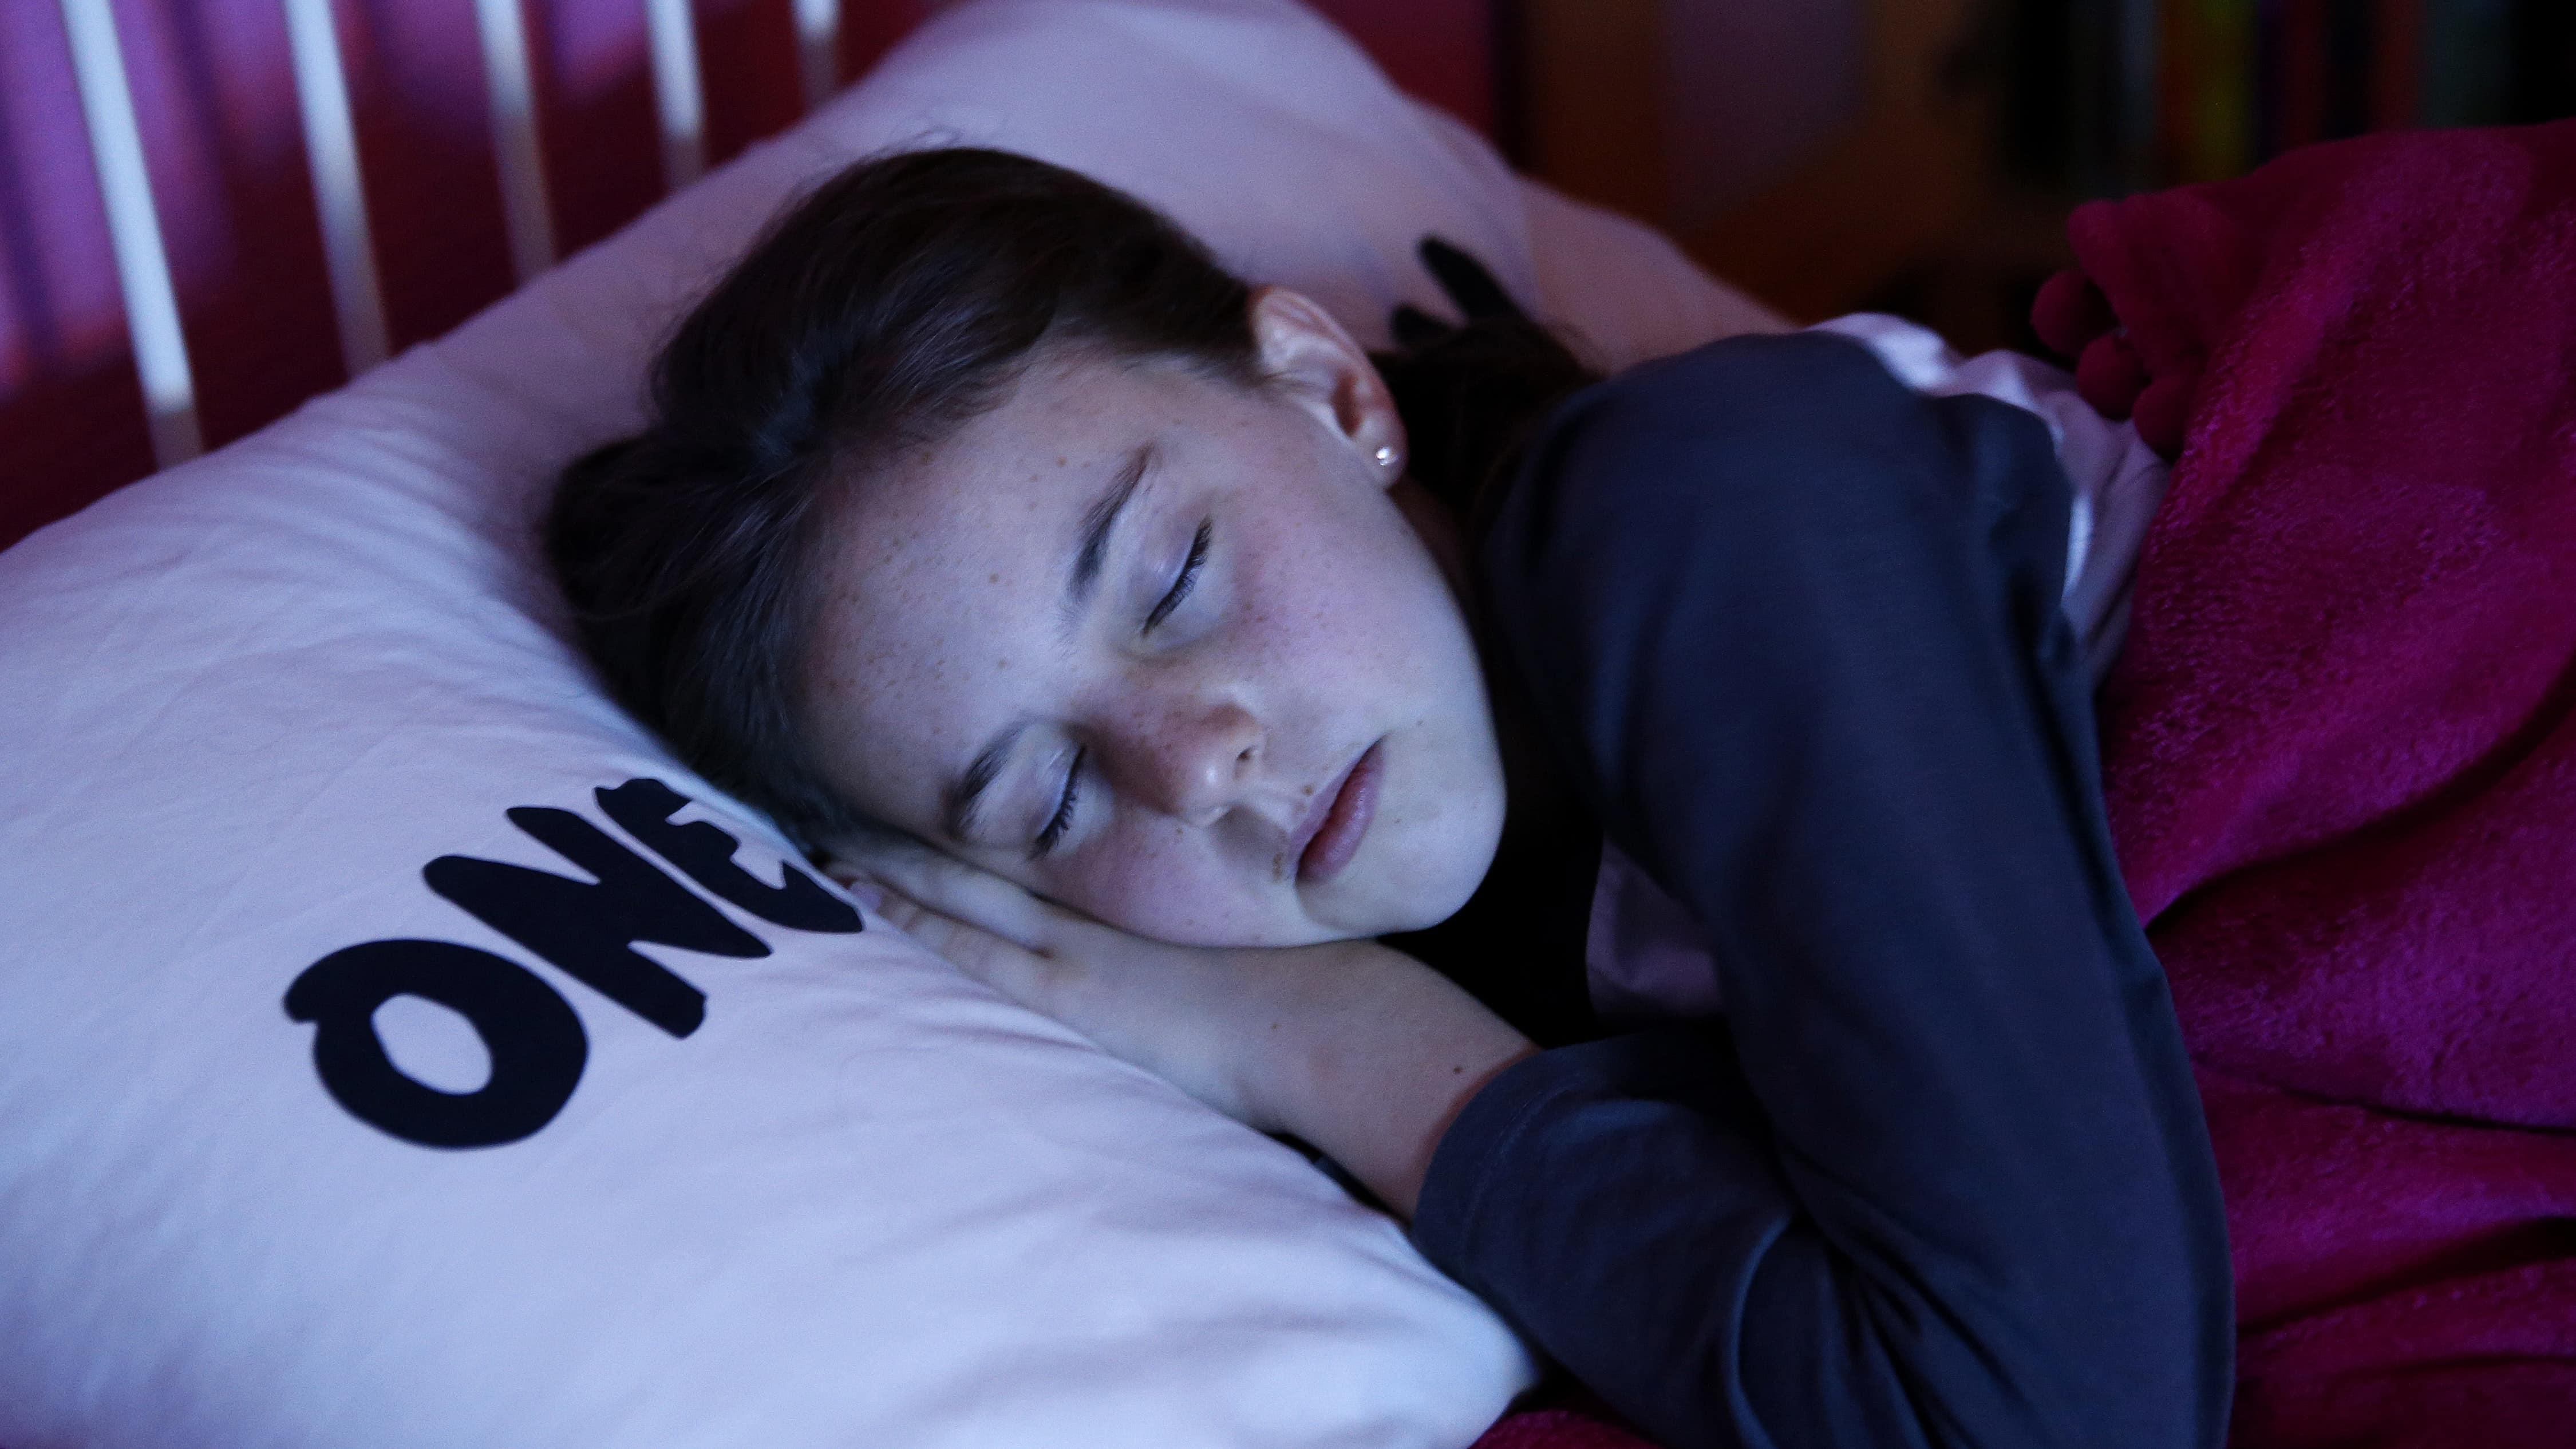 Найдены ключевые гены, отвечающие за сновидения и ночные кошмары